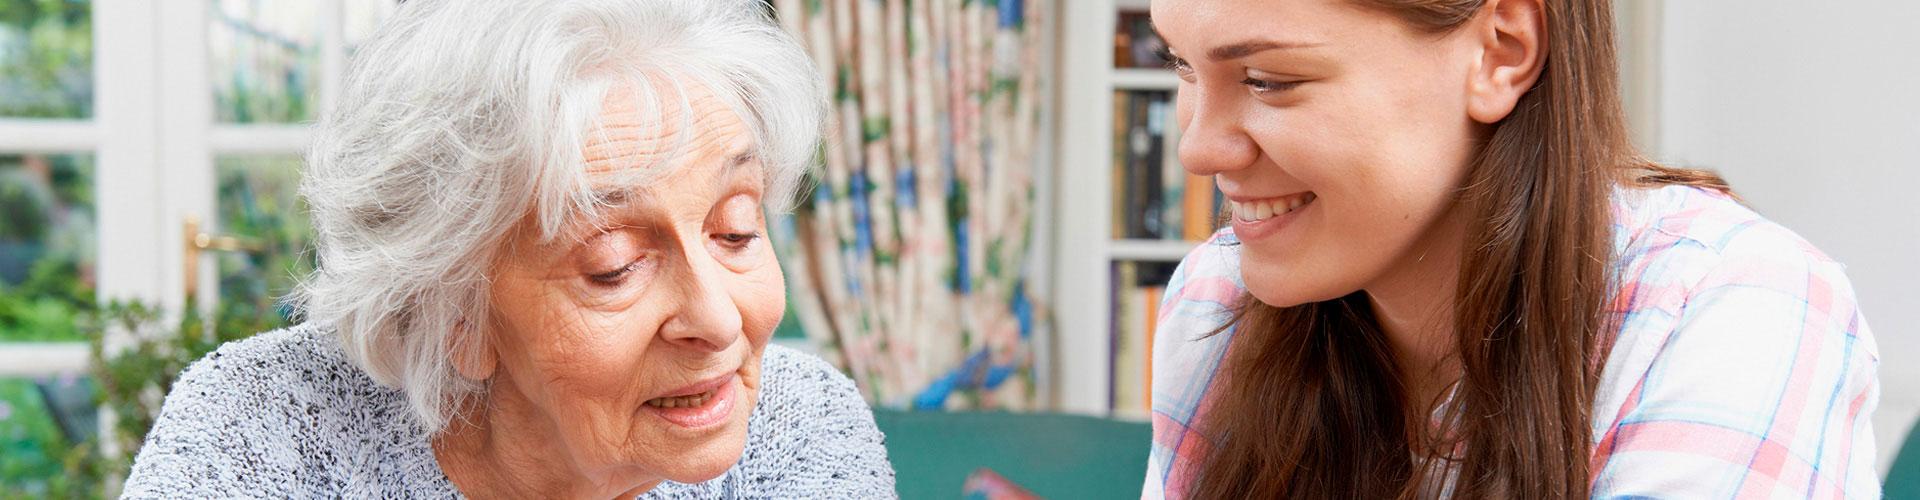 Eine ältere Dame lässt sich im Wohnzimmer von ihrer Enkeltochter etwas erklären